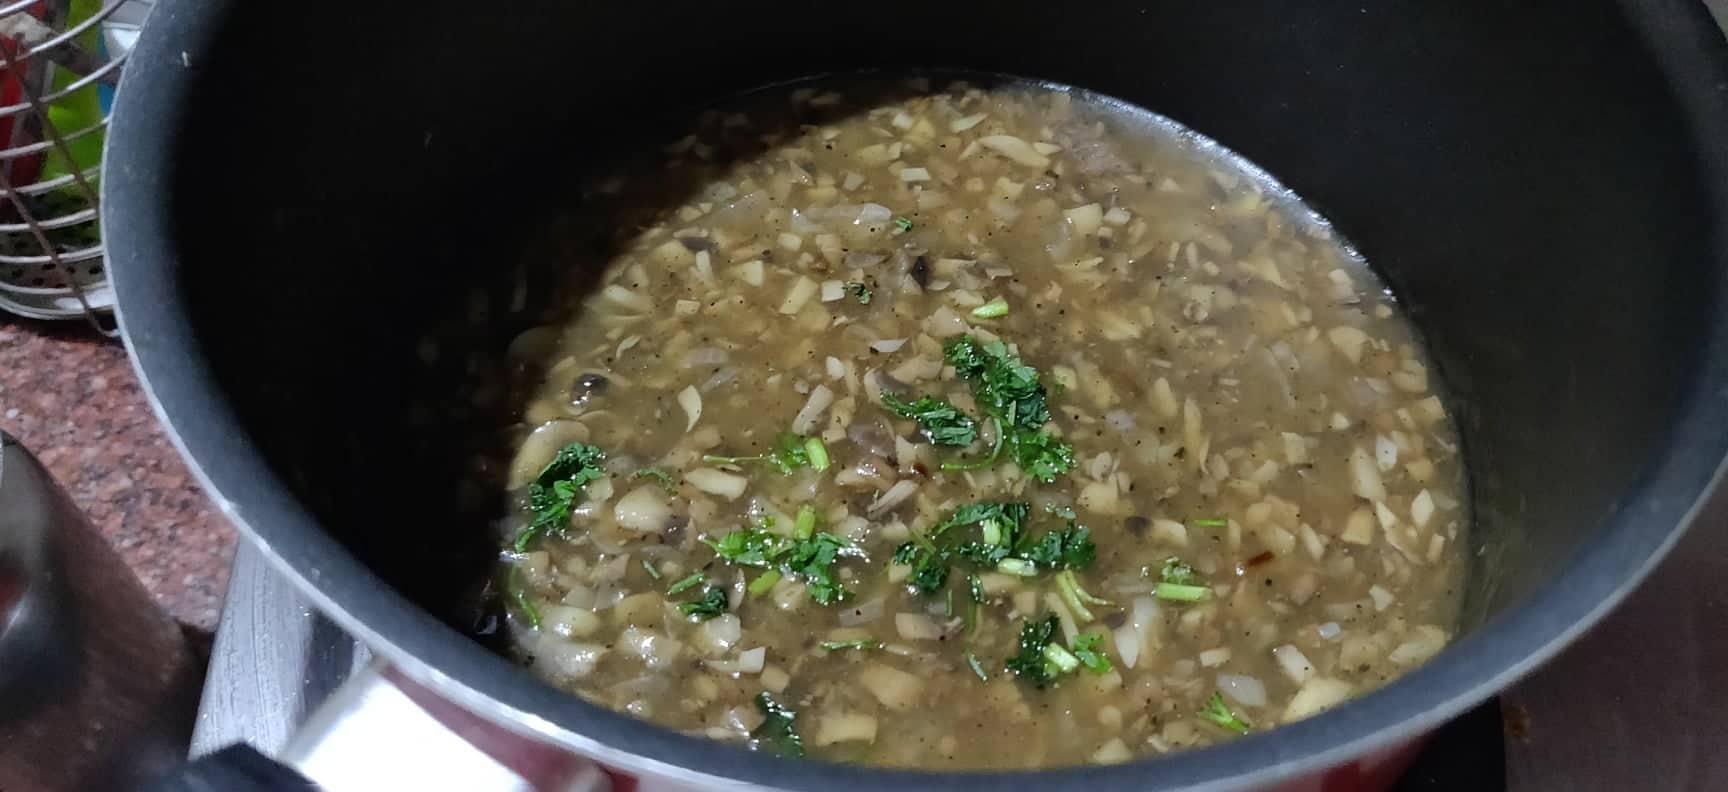 mushroom_soup - 74209761_267214957537079_1041097379605905408_n